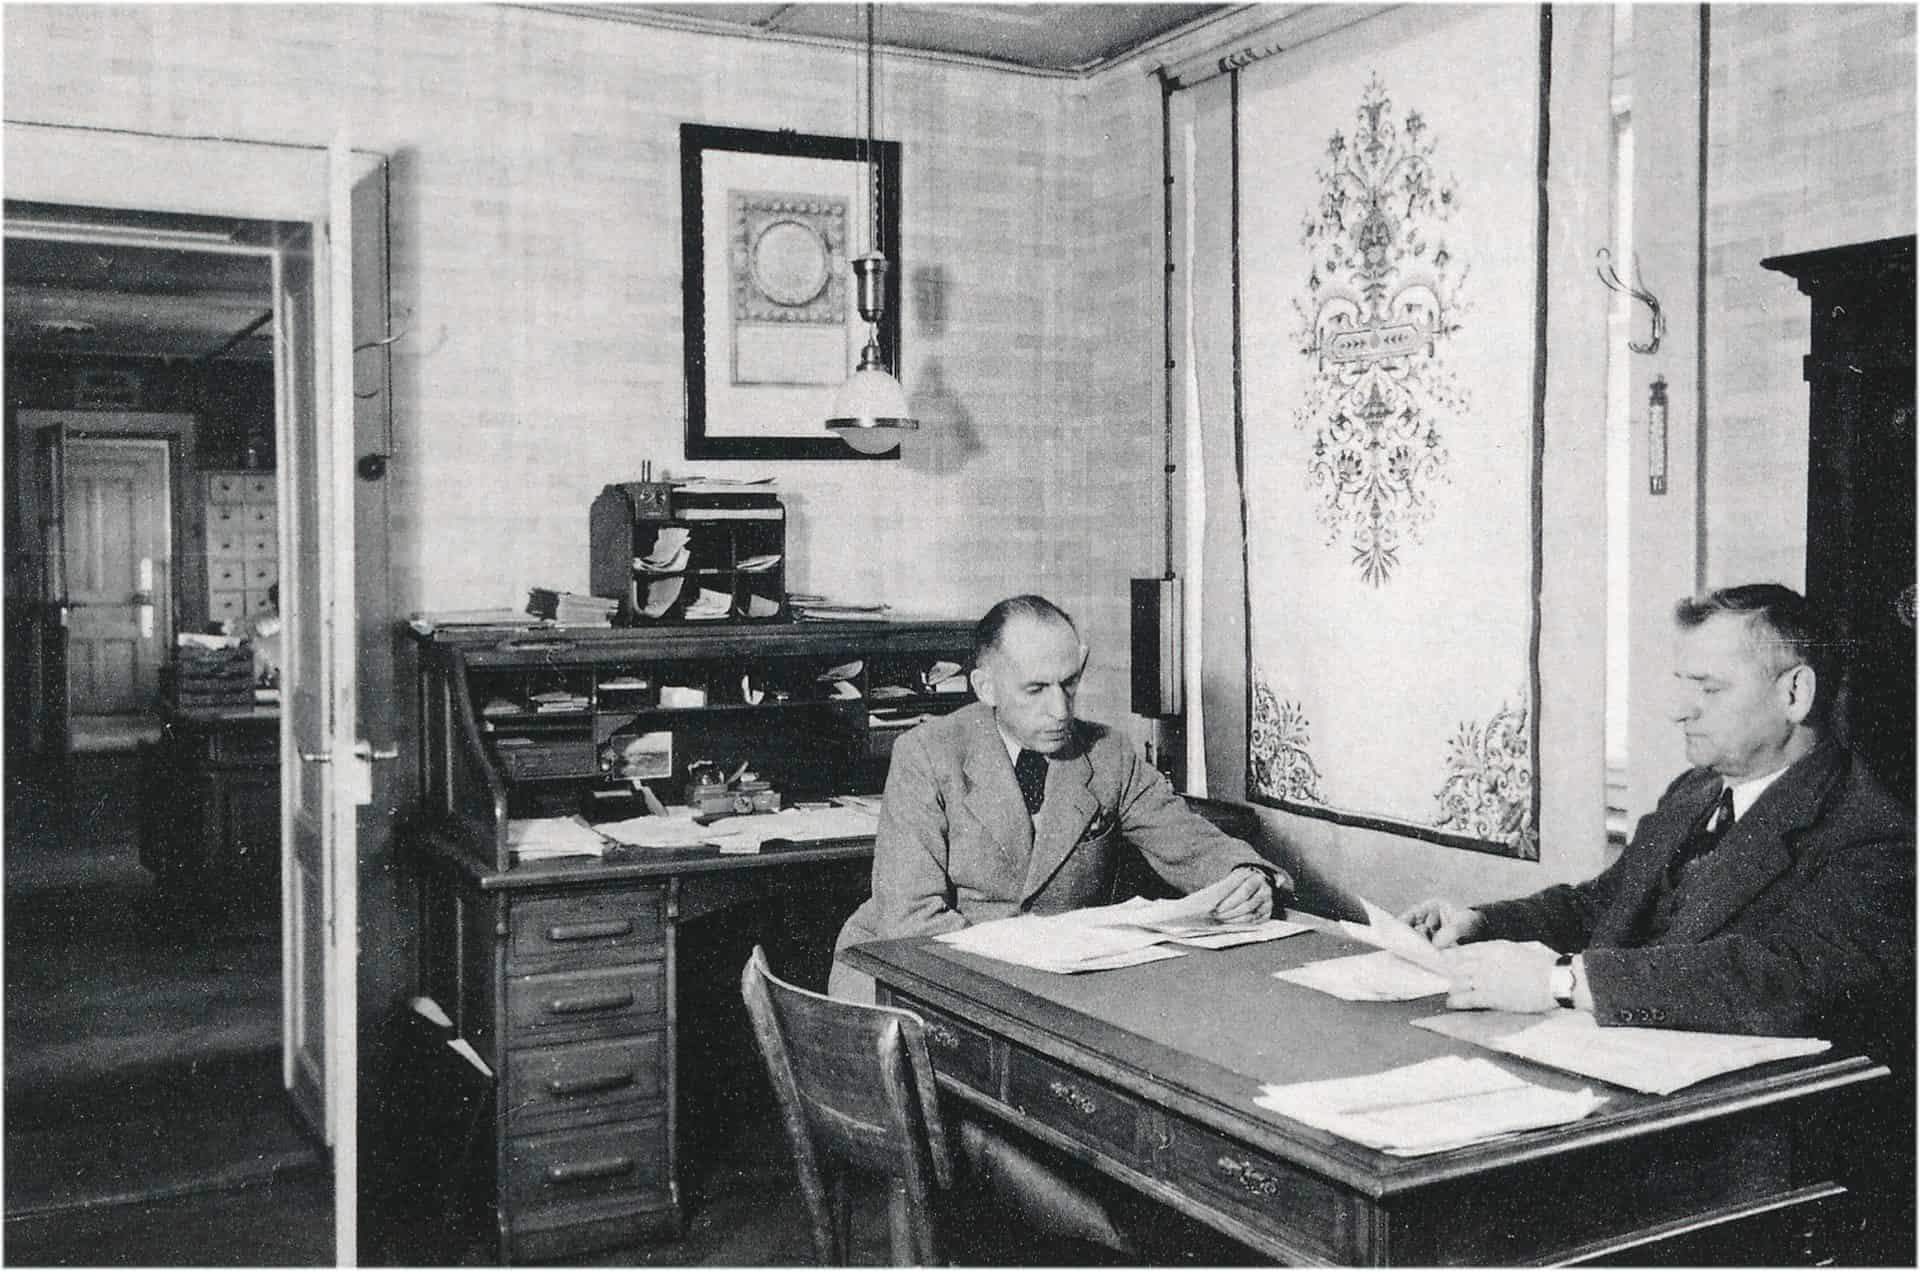 Historisches Photo von Charles Haussener und Jacques Pelot aus dem Jahr 1935